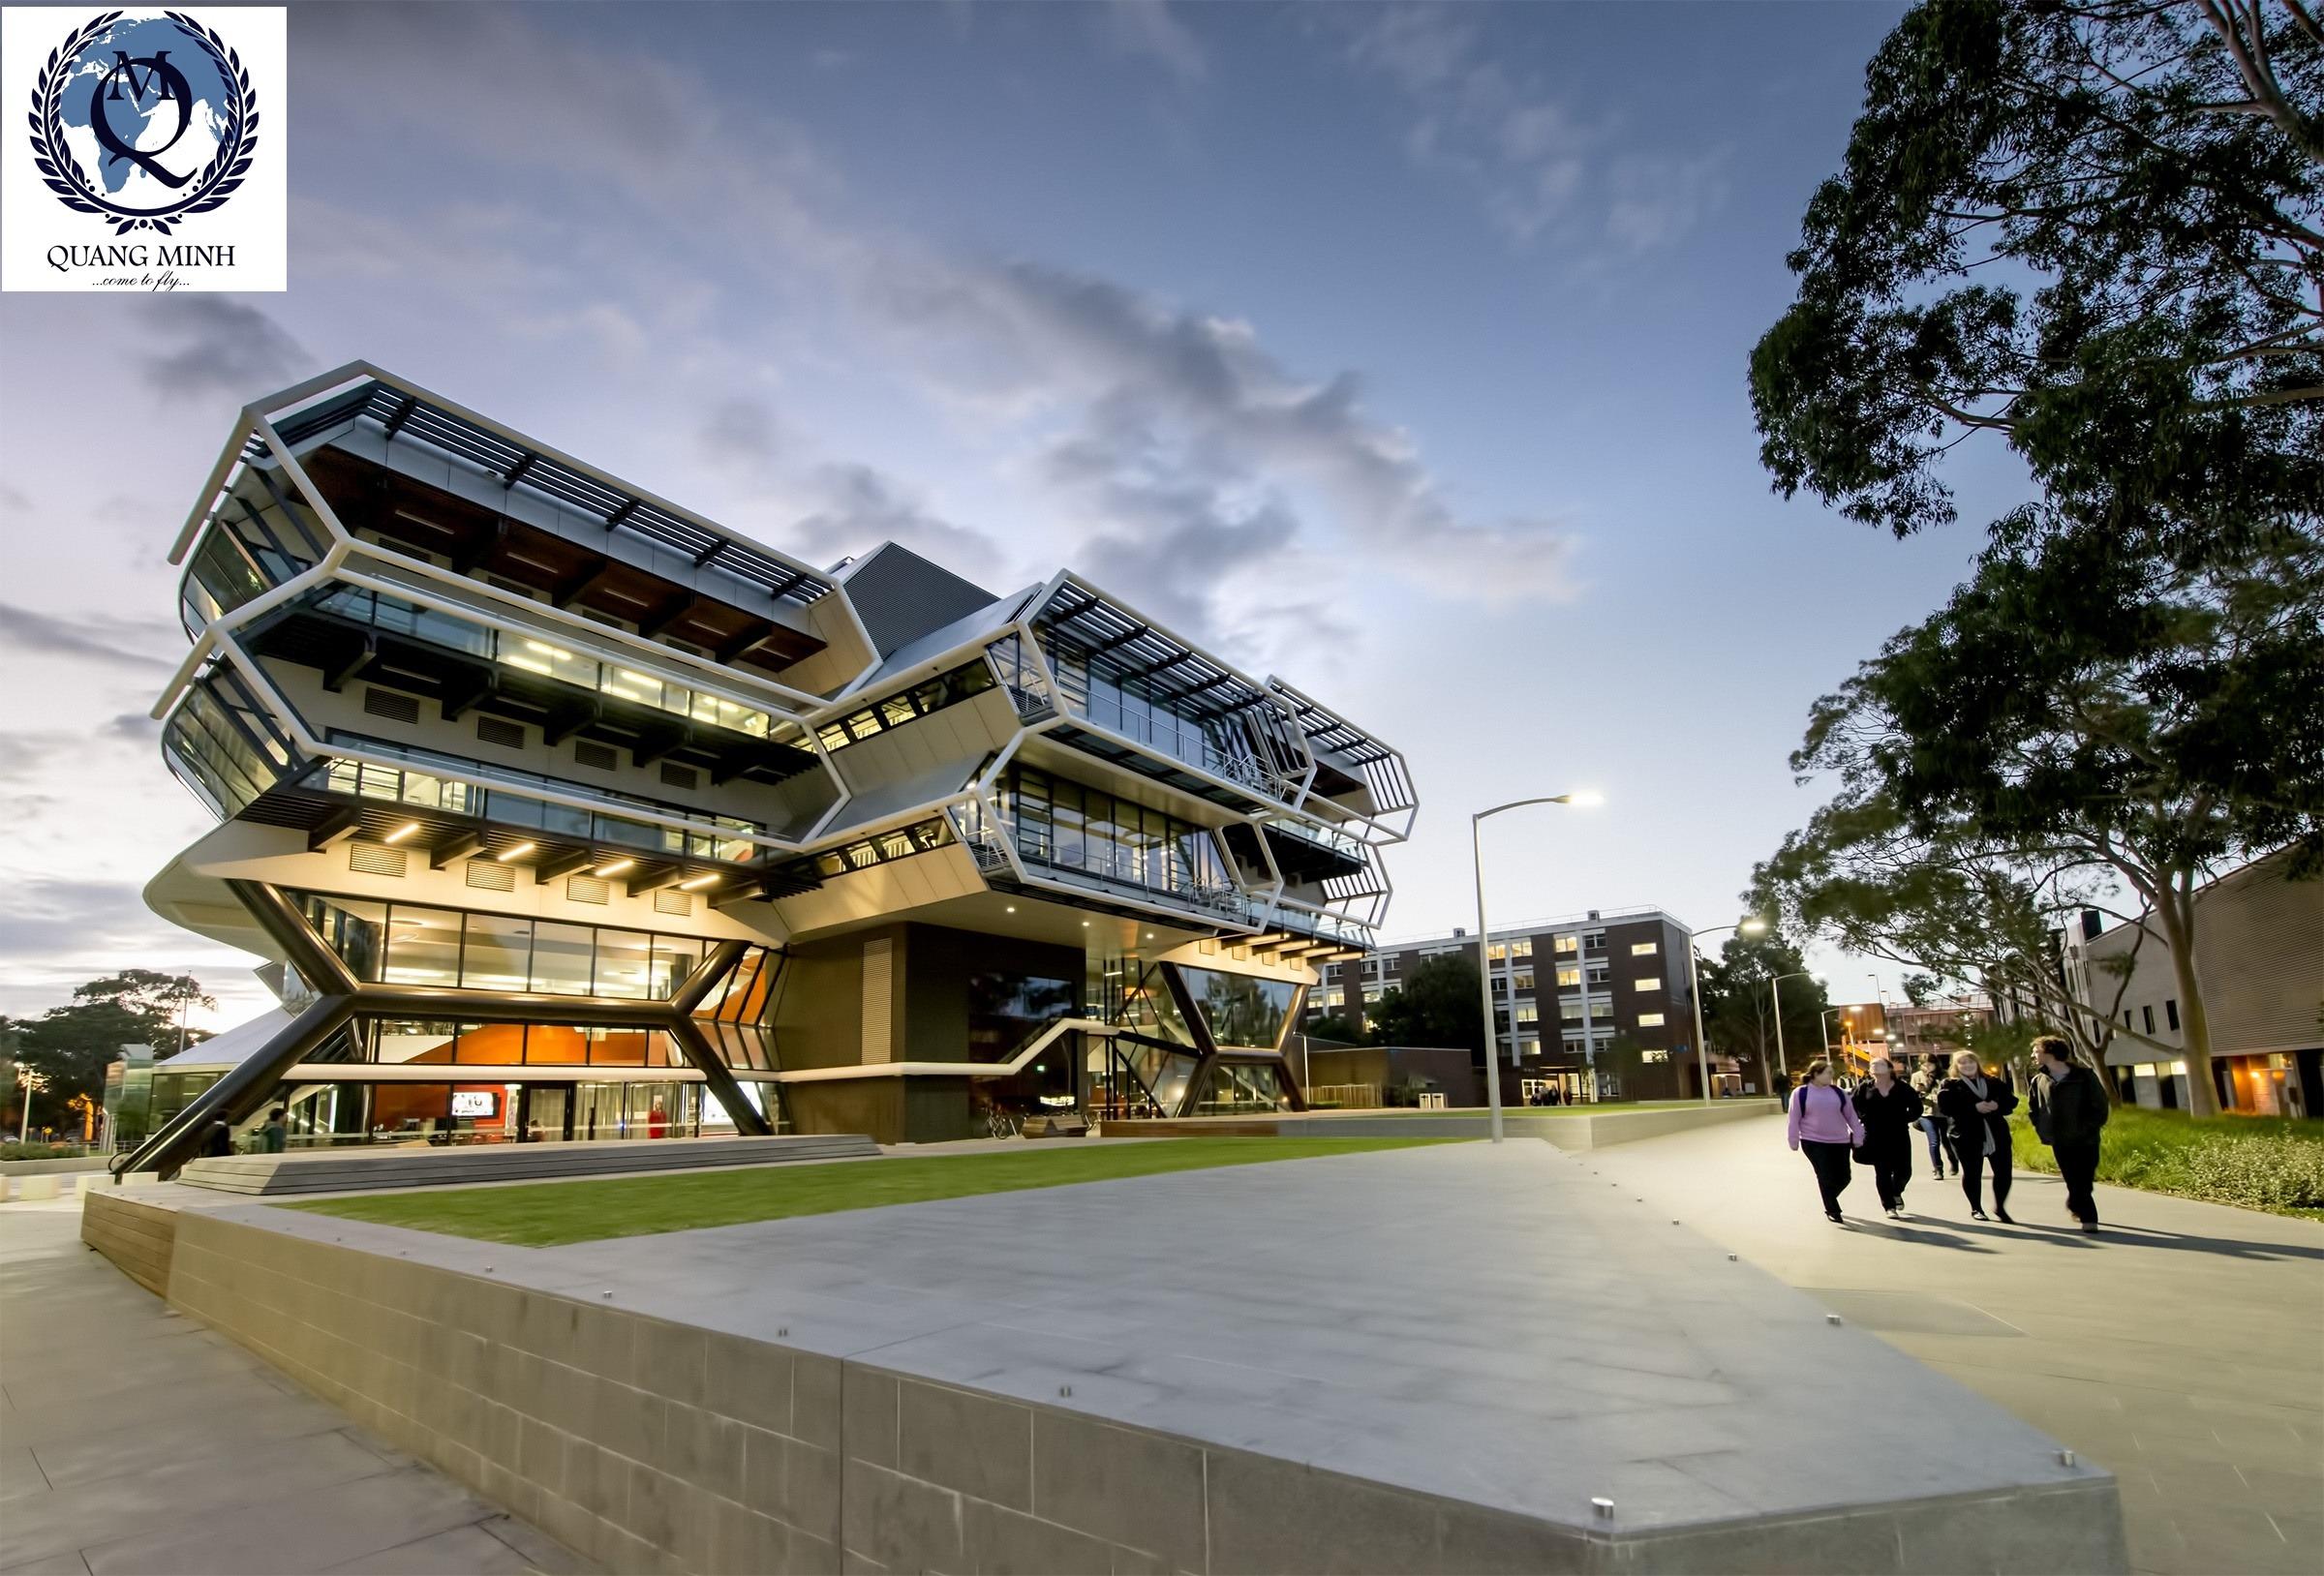 Chỉ cần IELTS 5.0: Học Foundation tại Úc với học bổng up to 100% học phí!